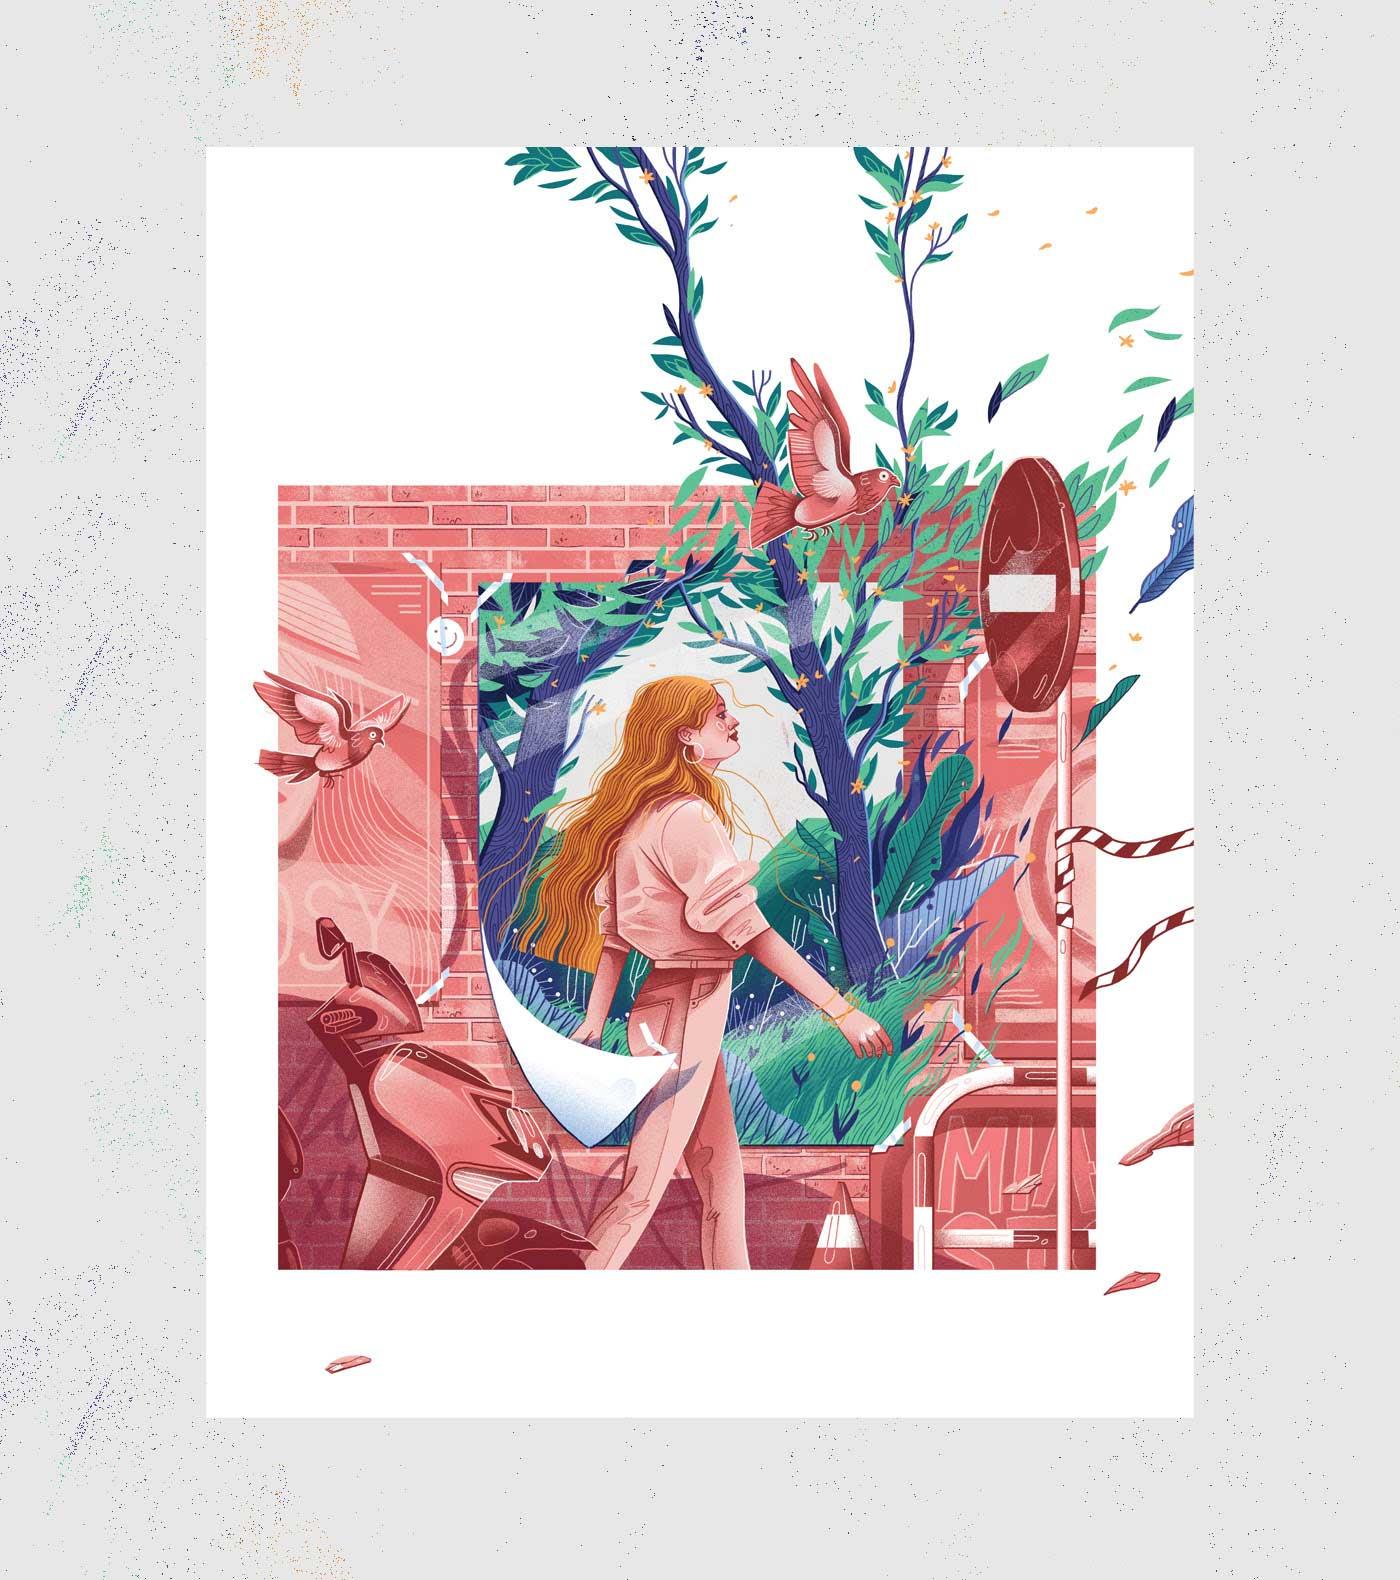 Neue Editorial-Illustrationen von Iza Dudzik Iza-Dudzik-illustration-2020_05